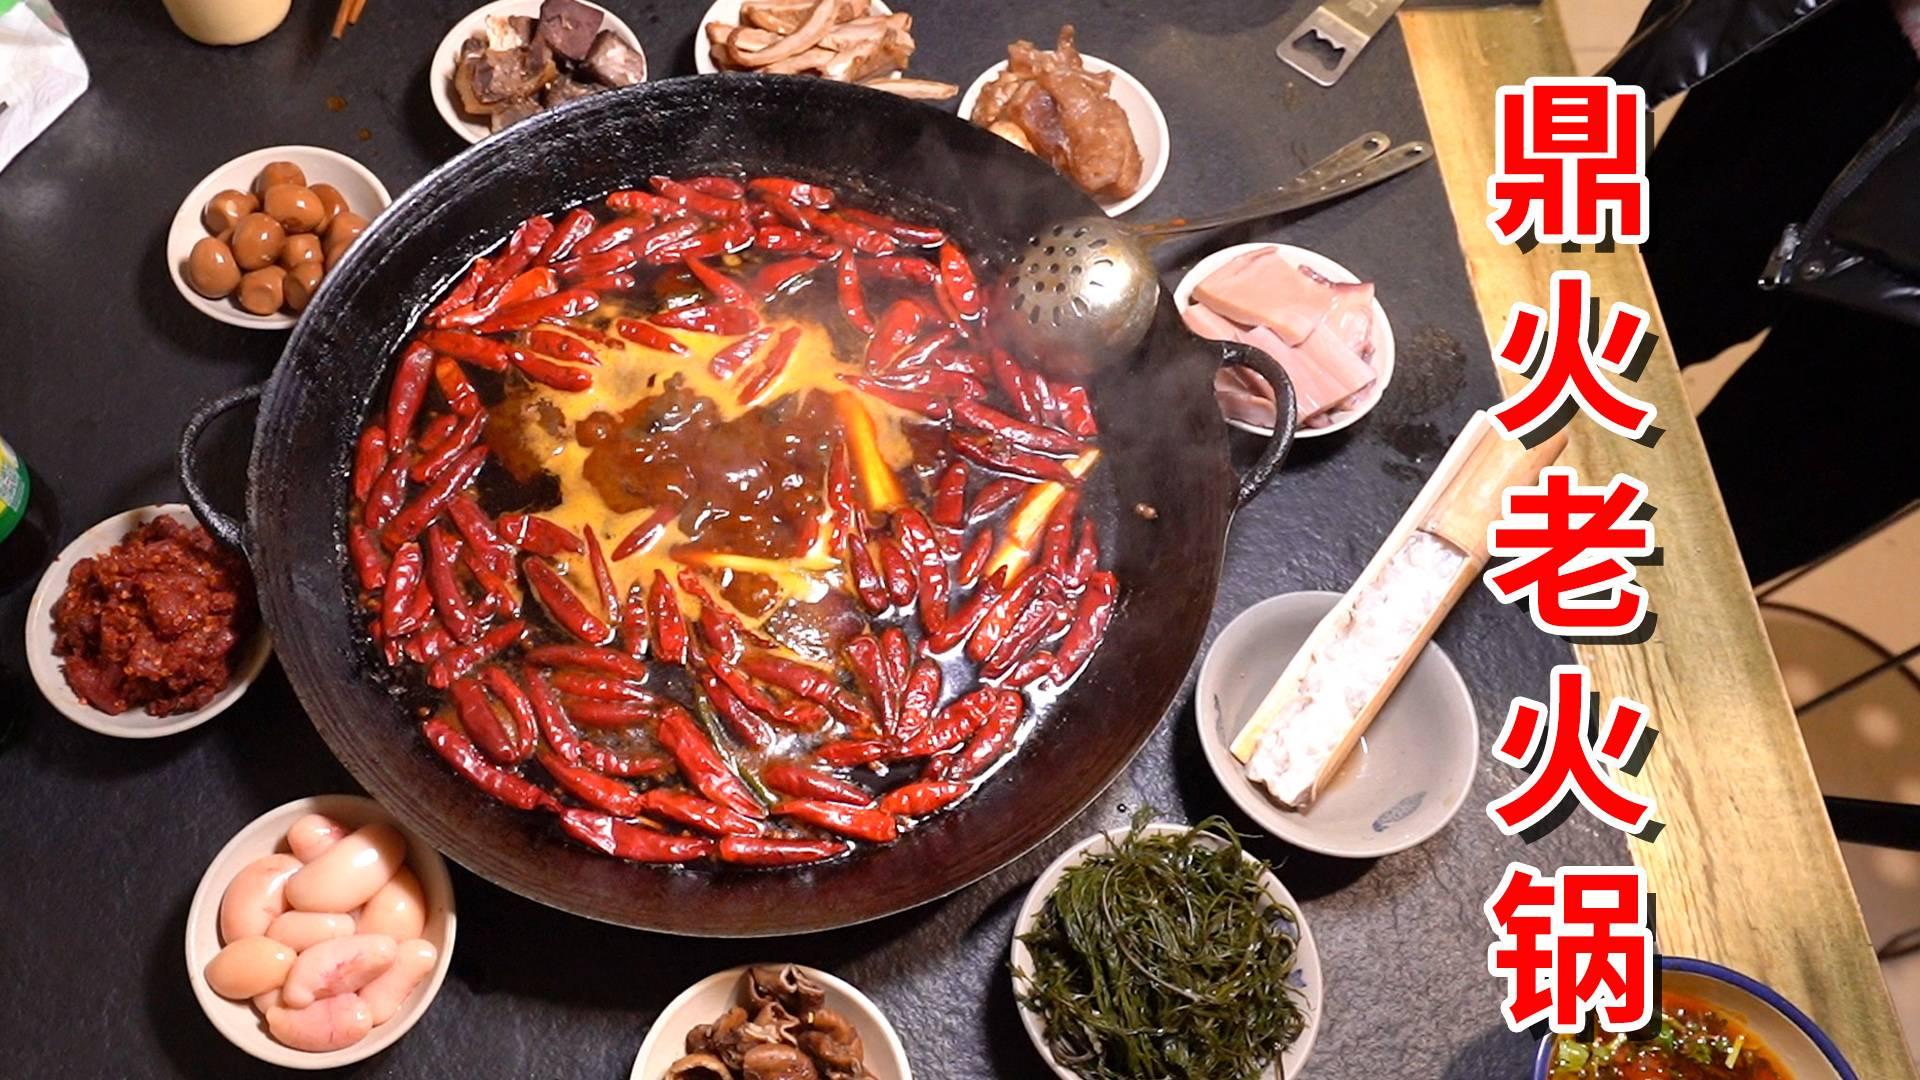 全成都锅底最便宜的老火锅,236元能吃十几个菜